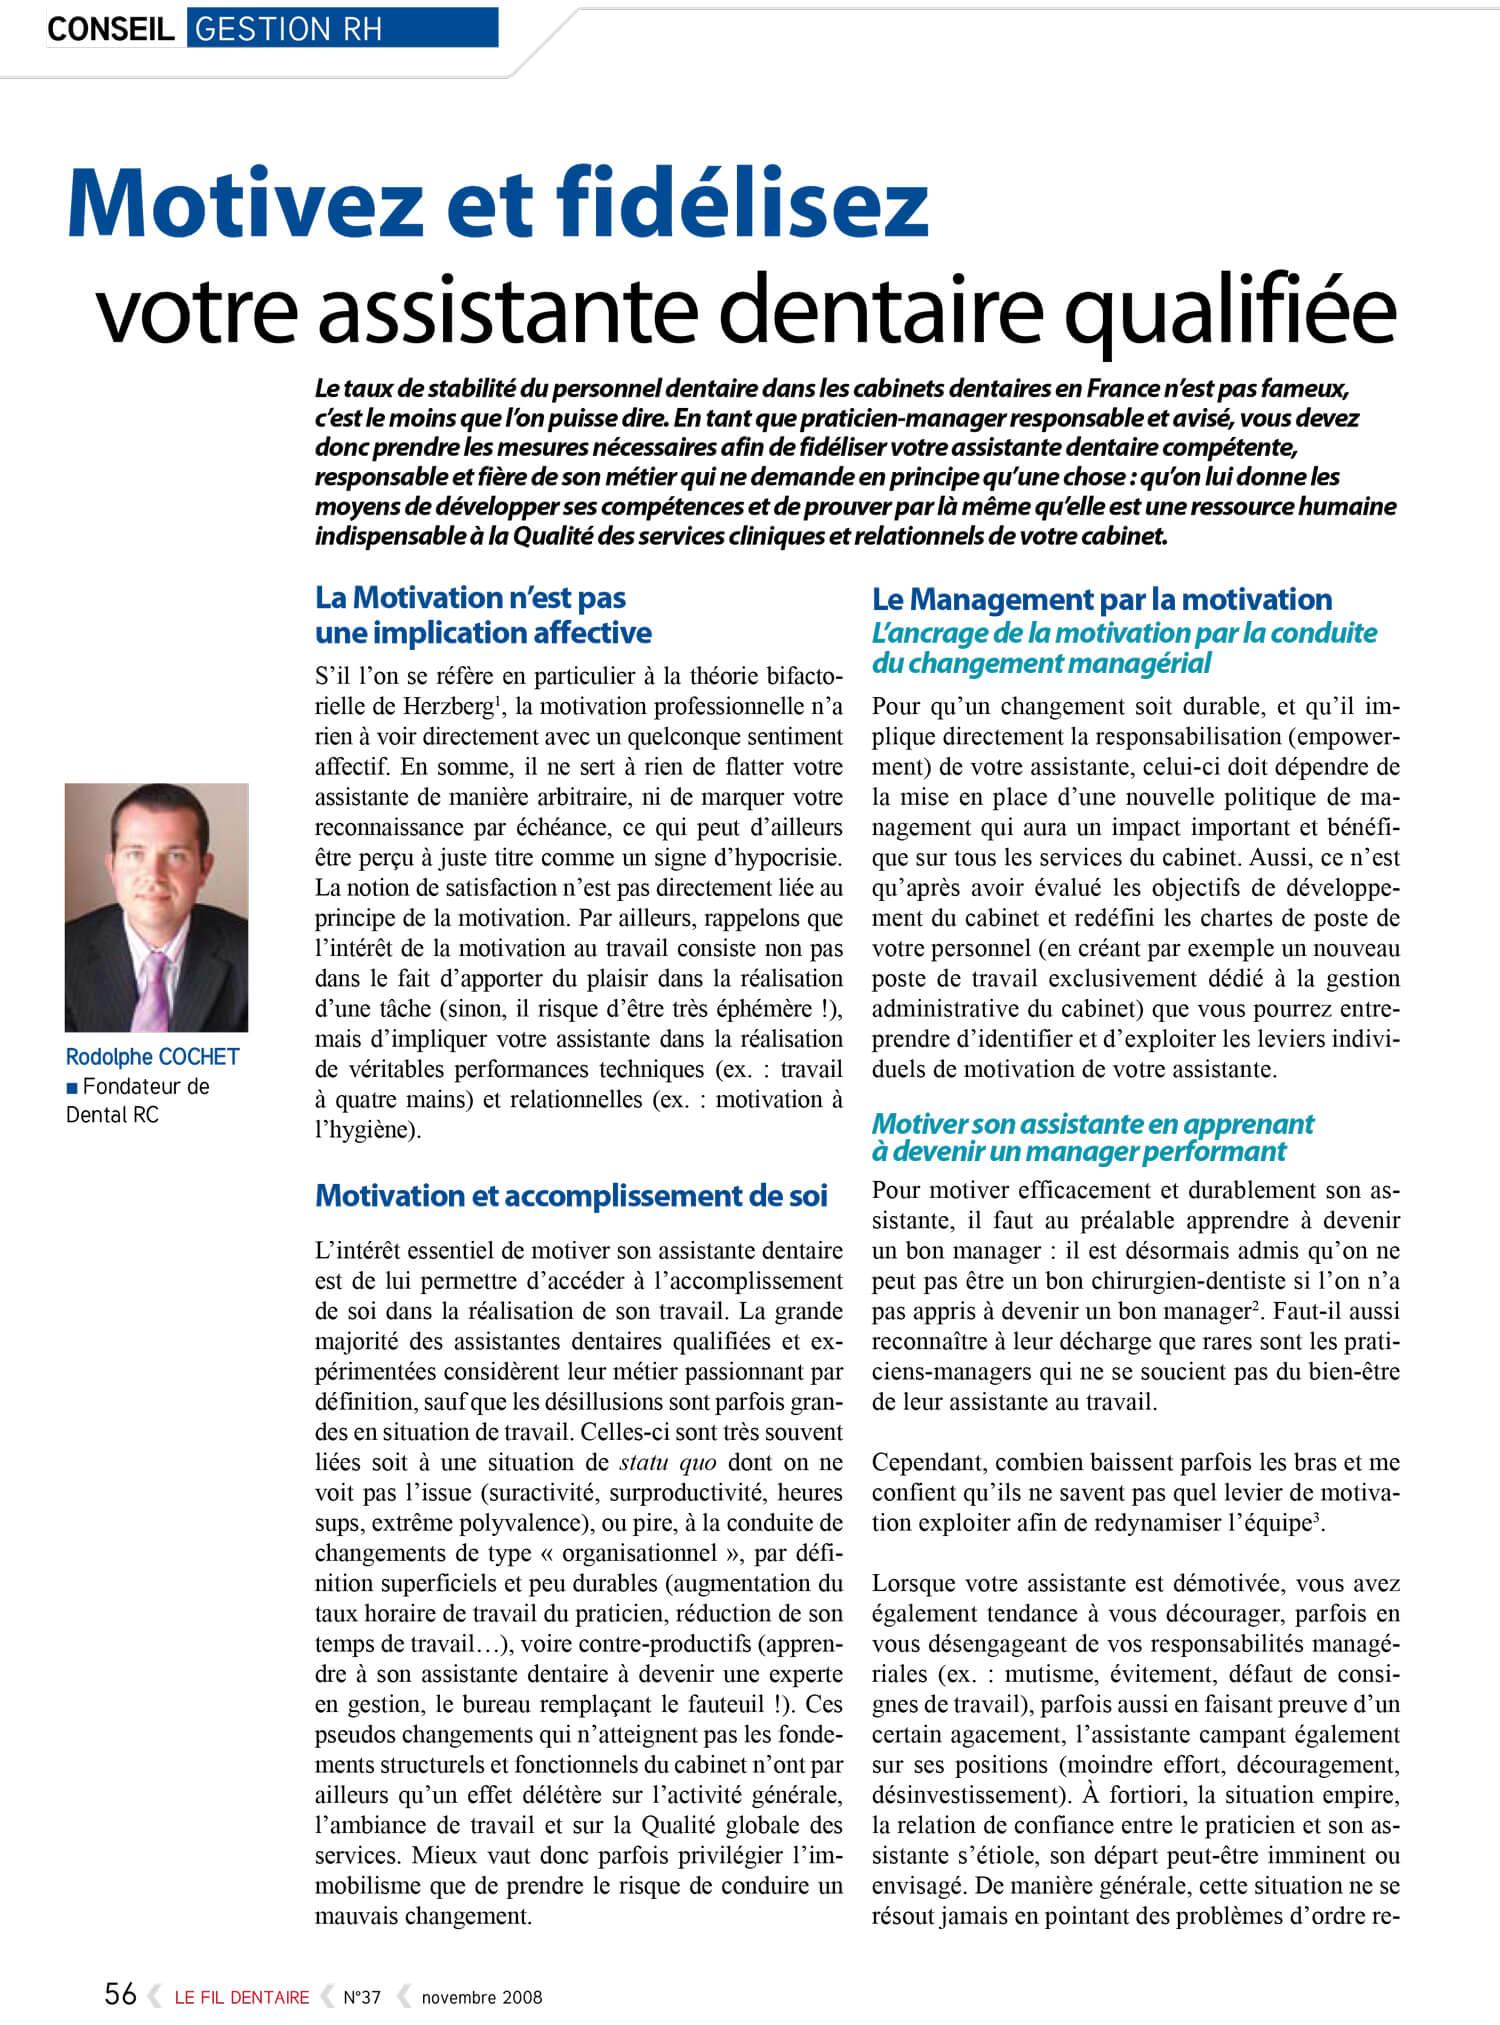 Motiver_fideliser_assistante_dentaire_Rodolphe_Cochet.jpg